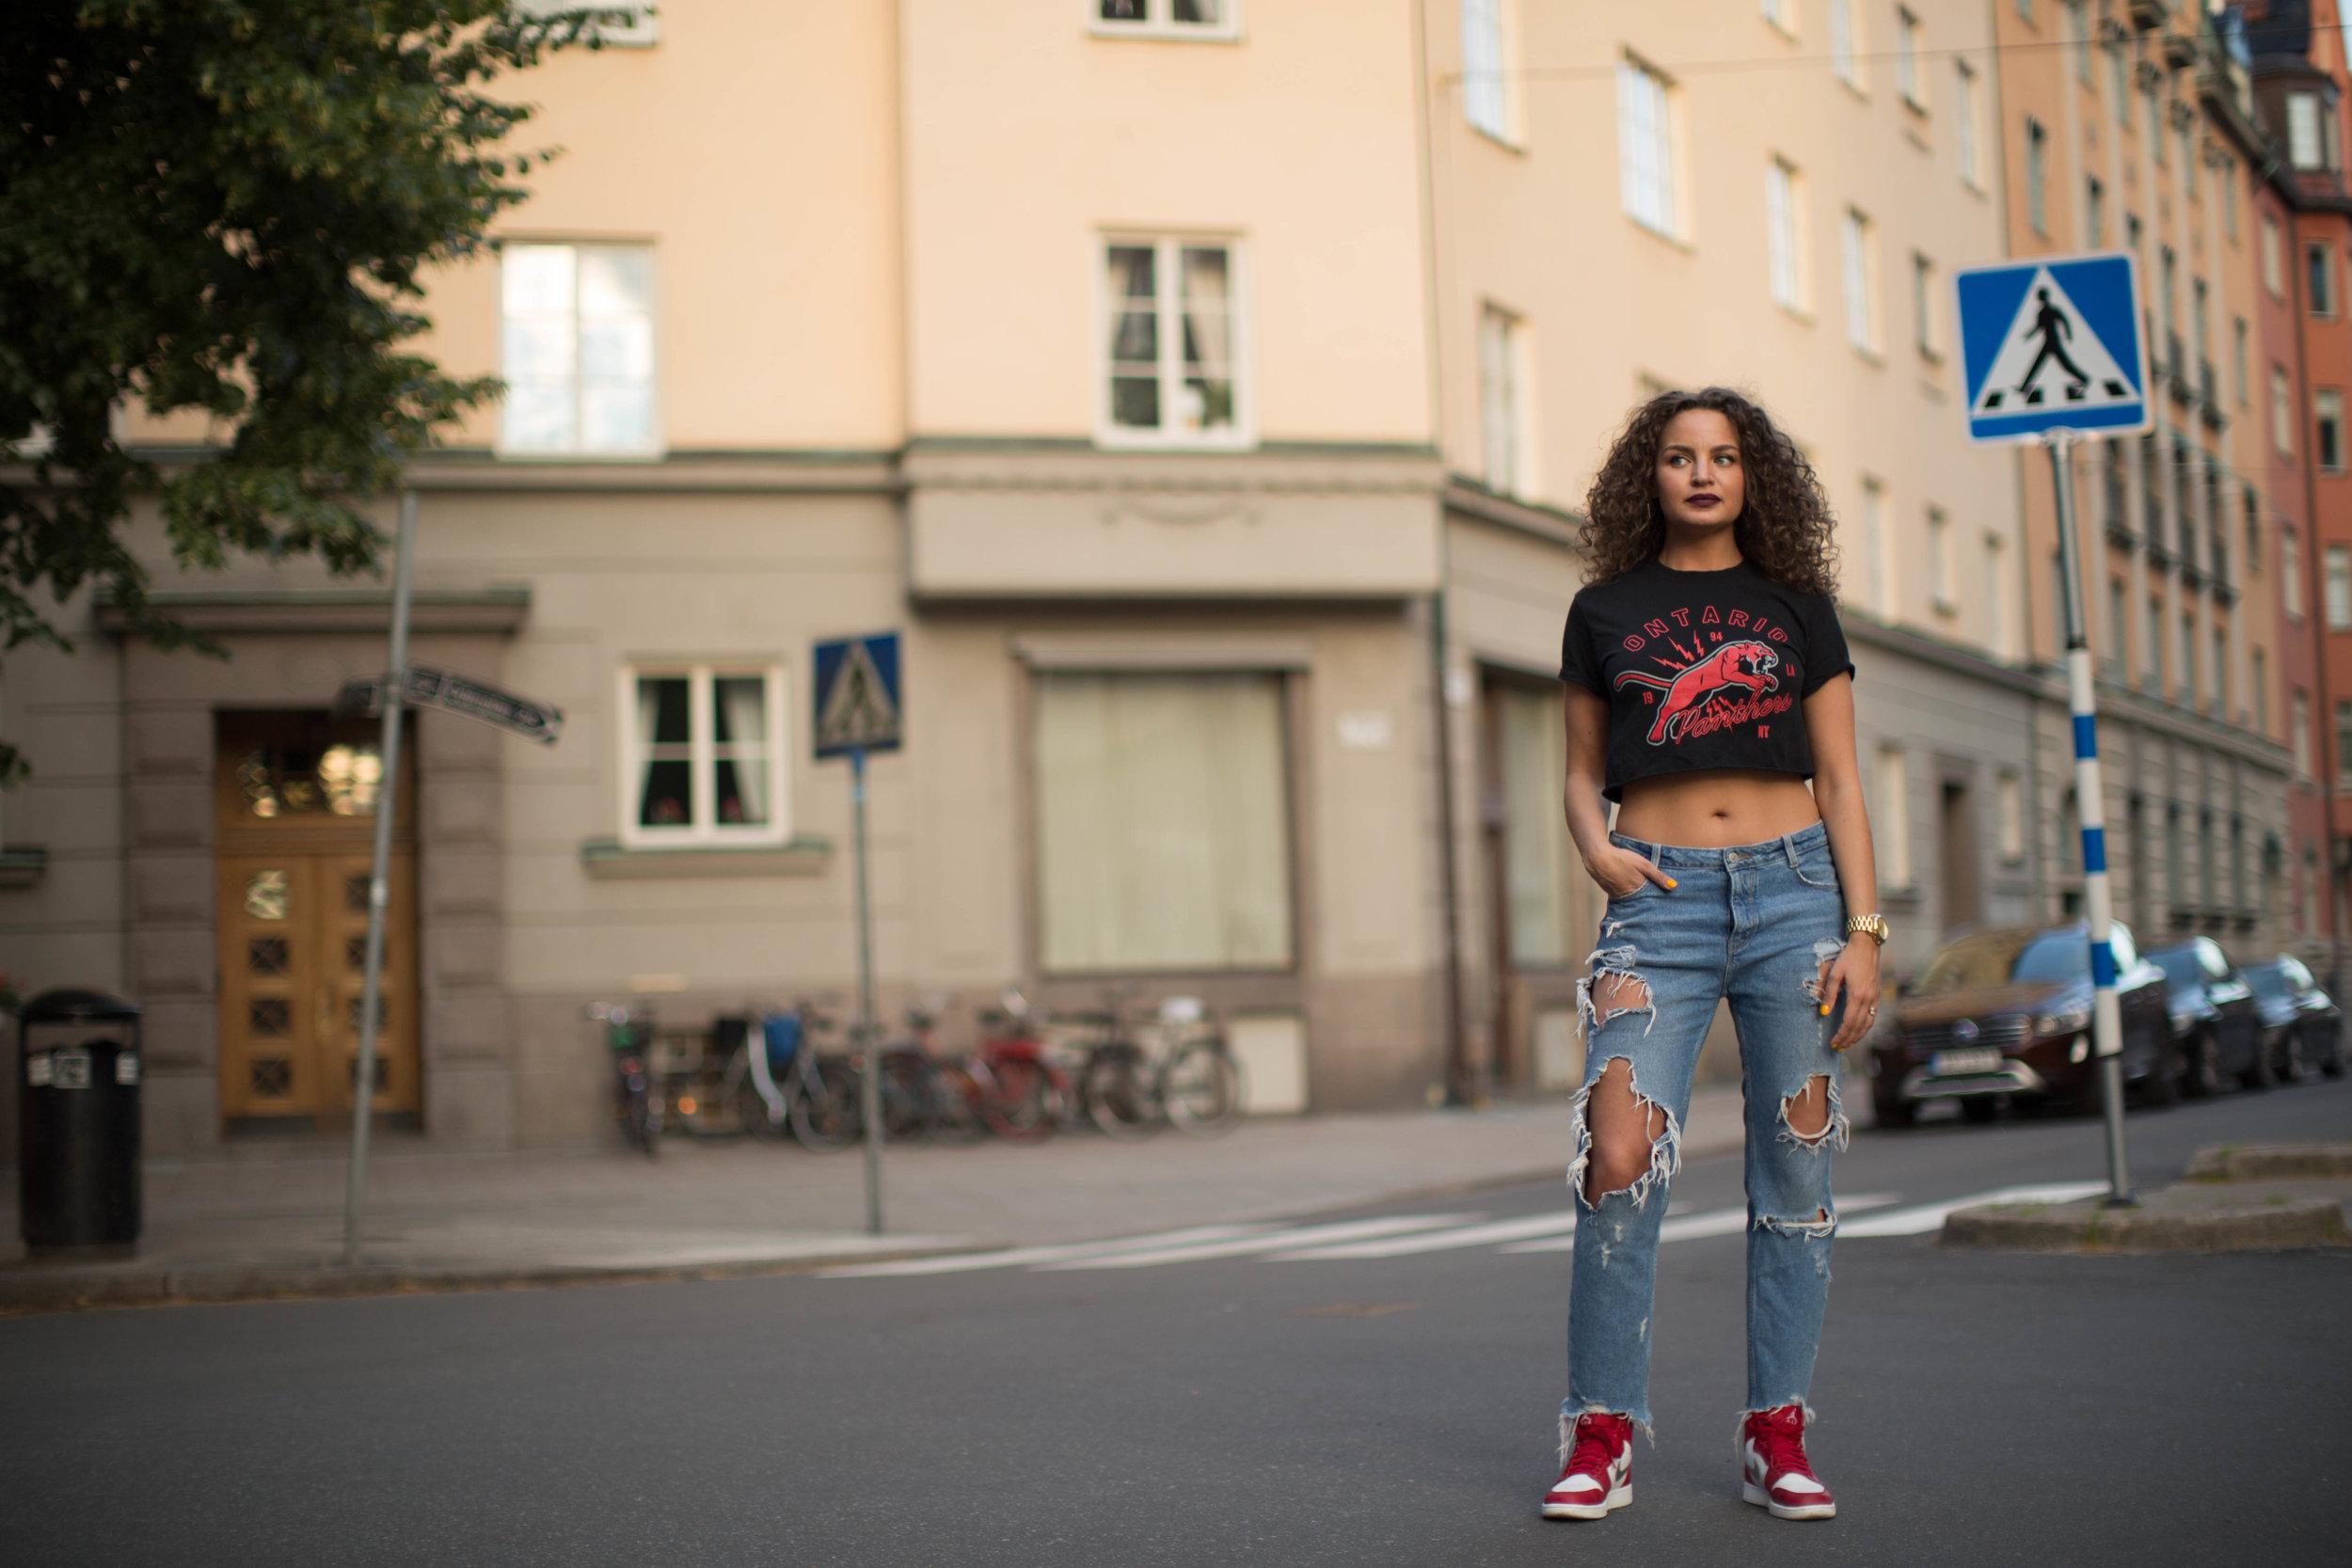 Image:  Rebecca Frisk Bengtsson  Photo:  Sara Che